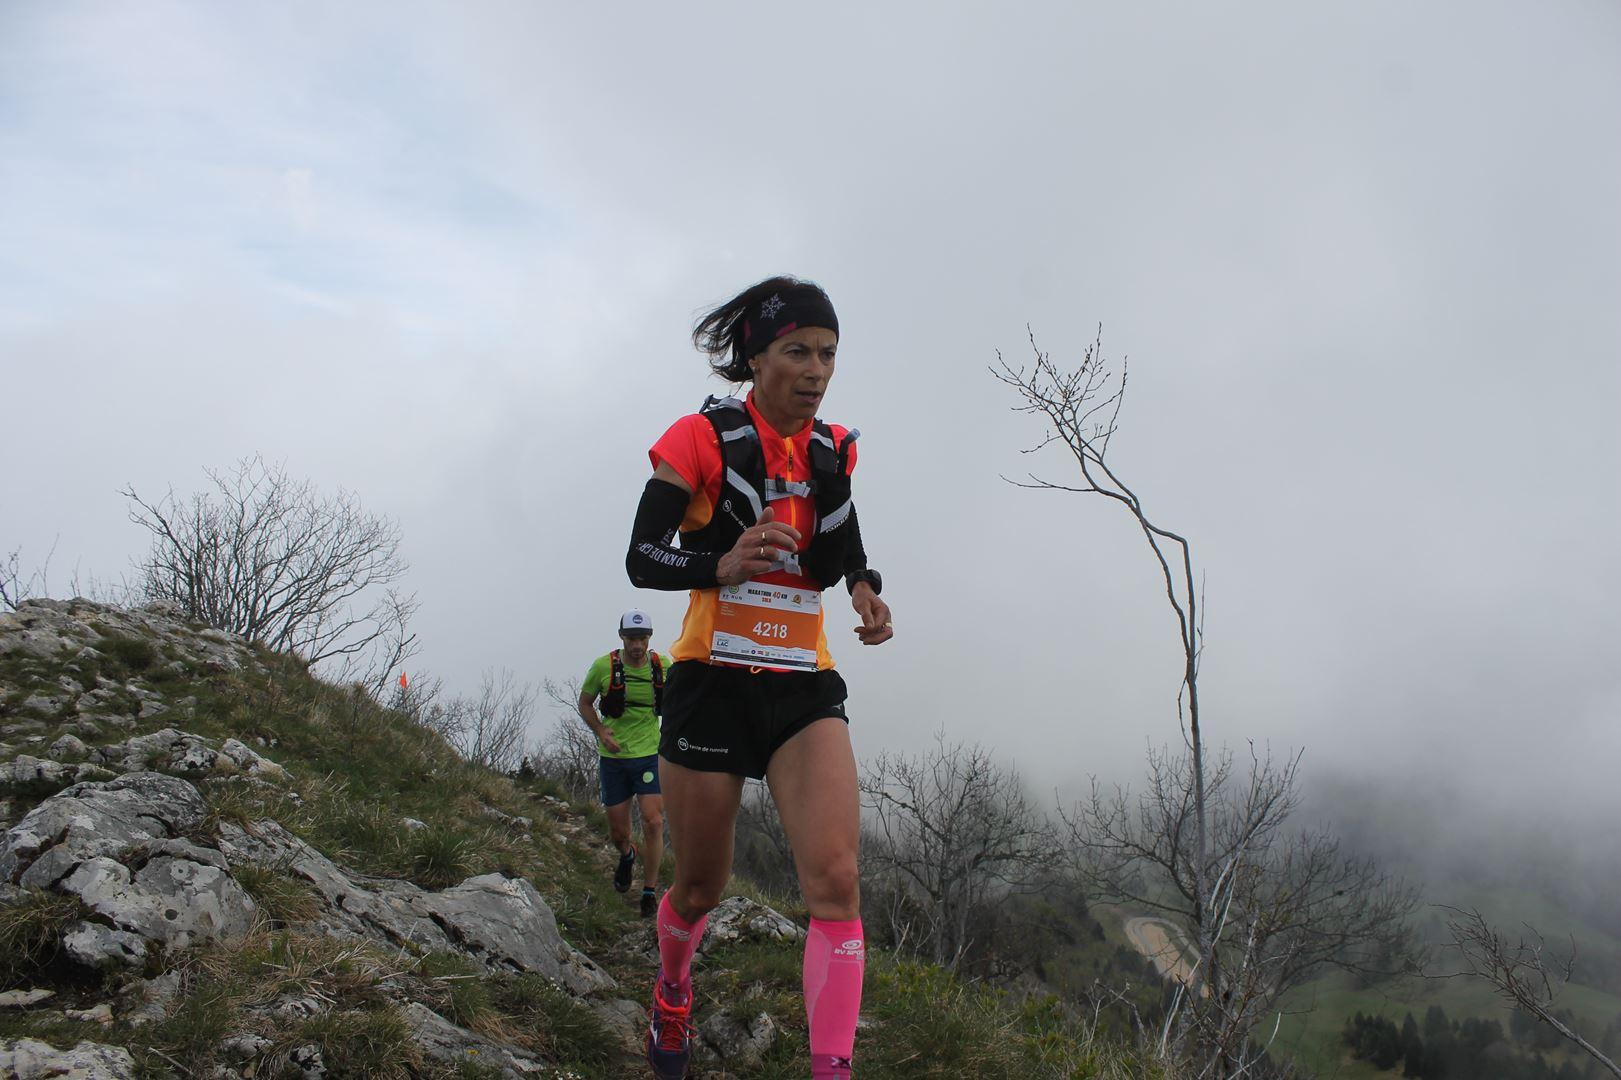 stéphanie duc 1ère du 40km - RESULTATS ET PHOTOS DU TRAIL BE RUN - DUINGT (74)-AIX LES BAINS (73) - 14-05-2017